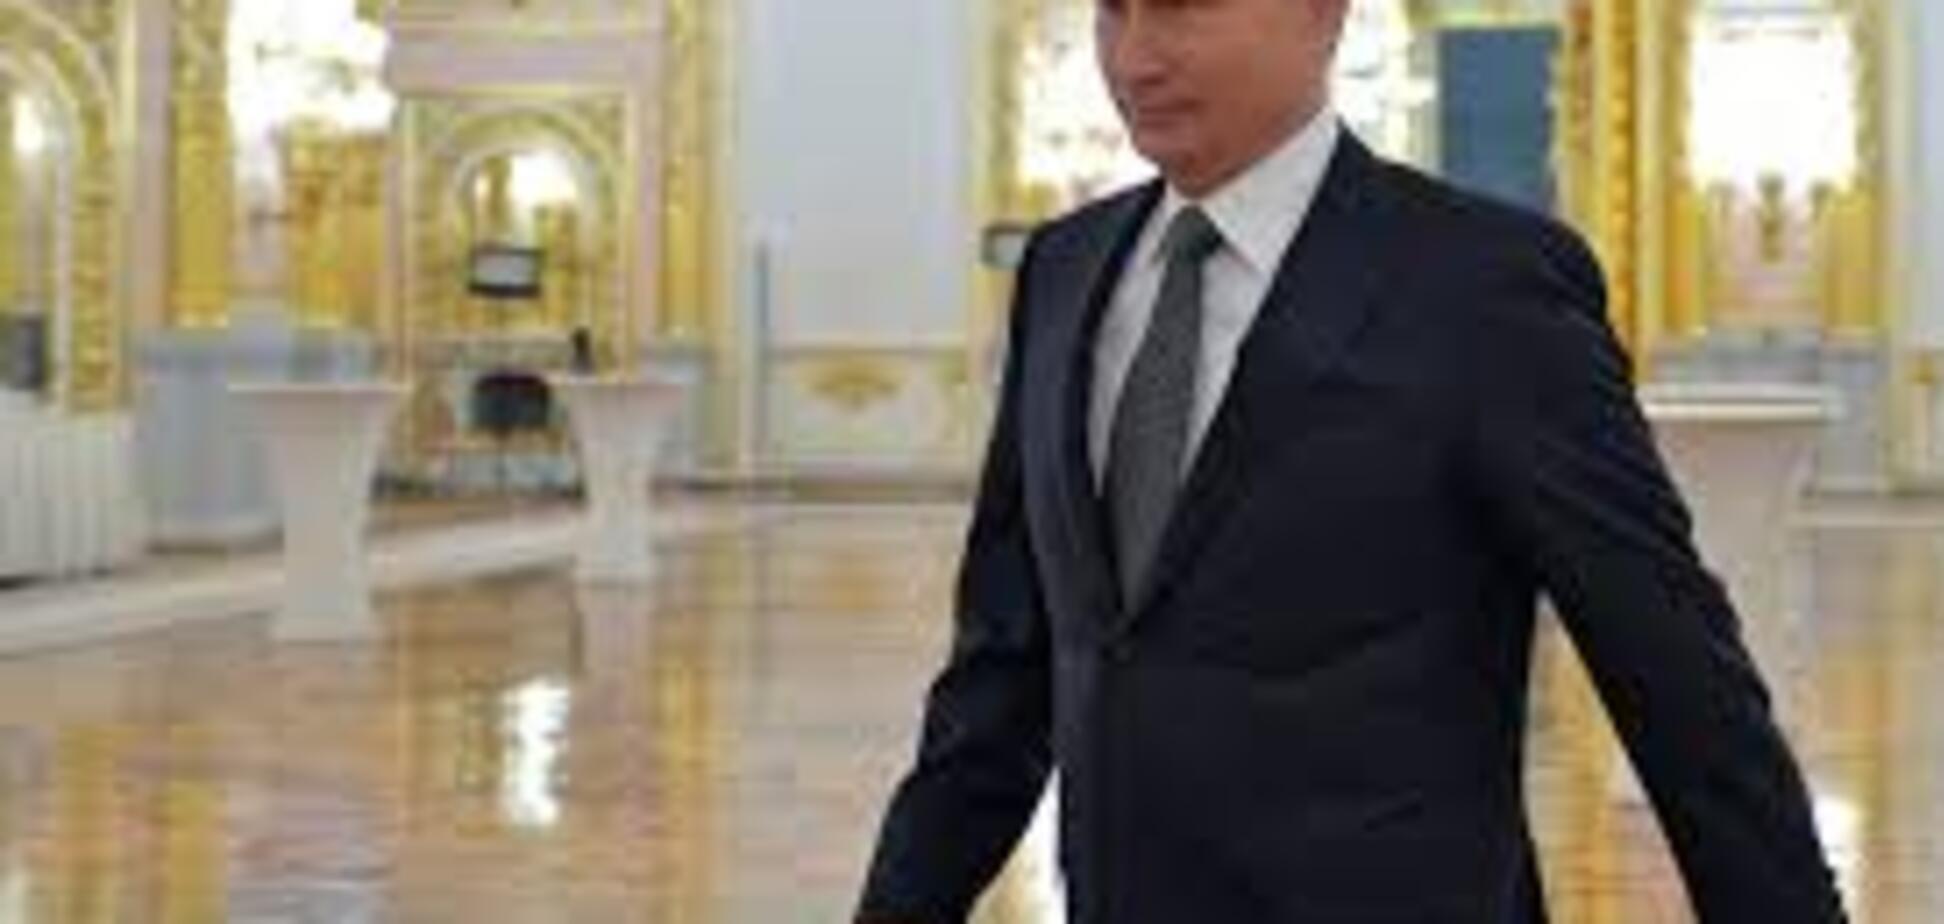 ''Налажали з ходулями'': Путін попався на новому ''прийомі'' з ростом